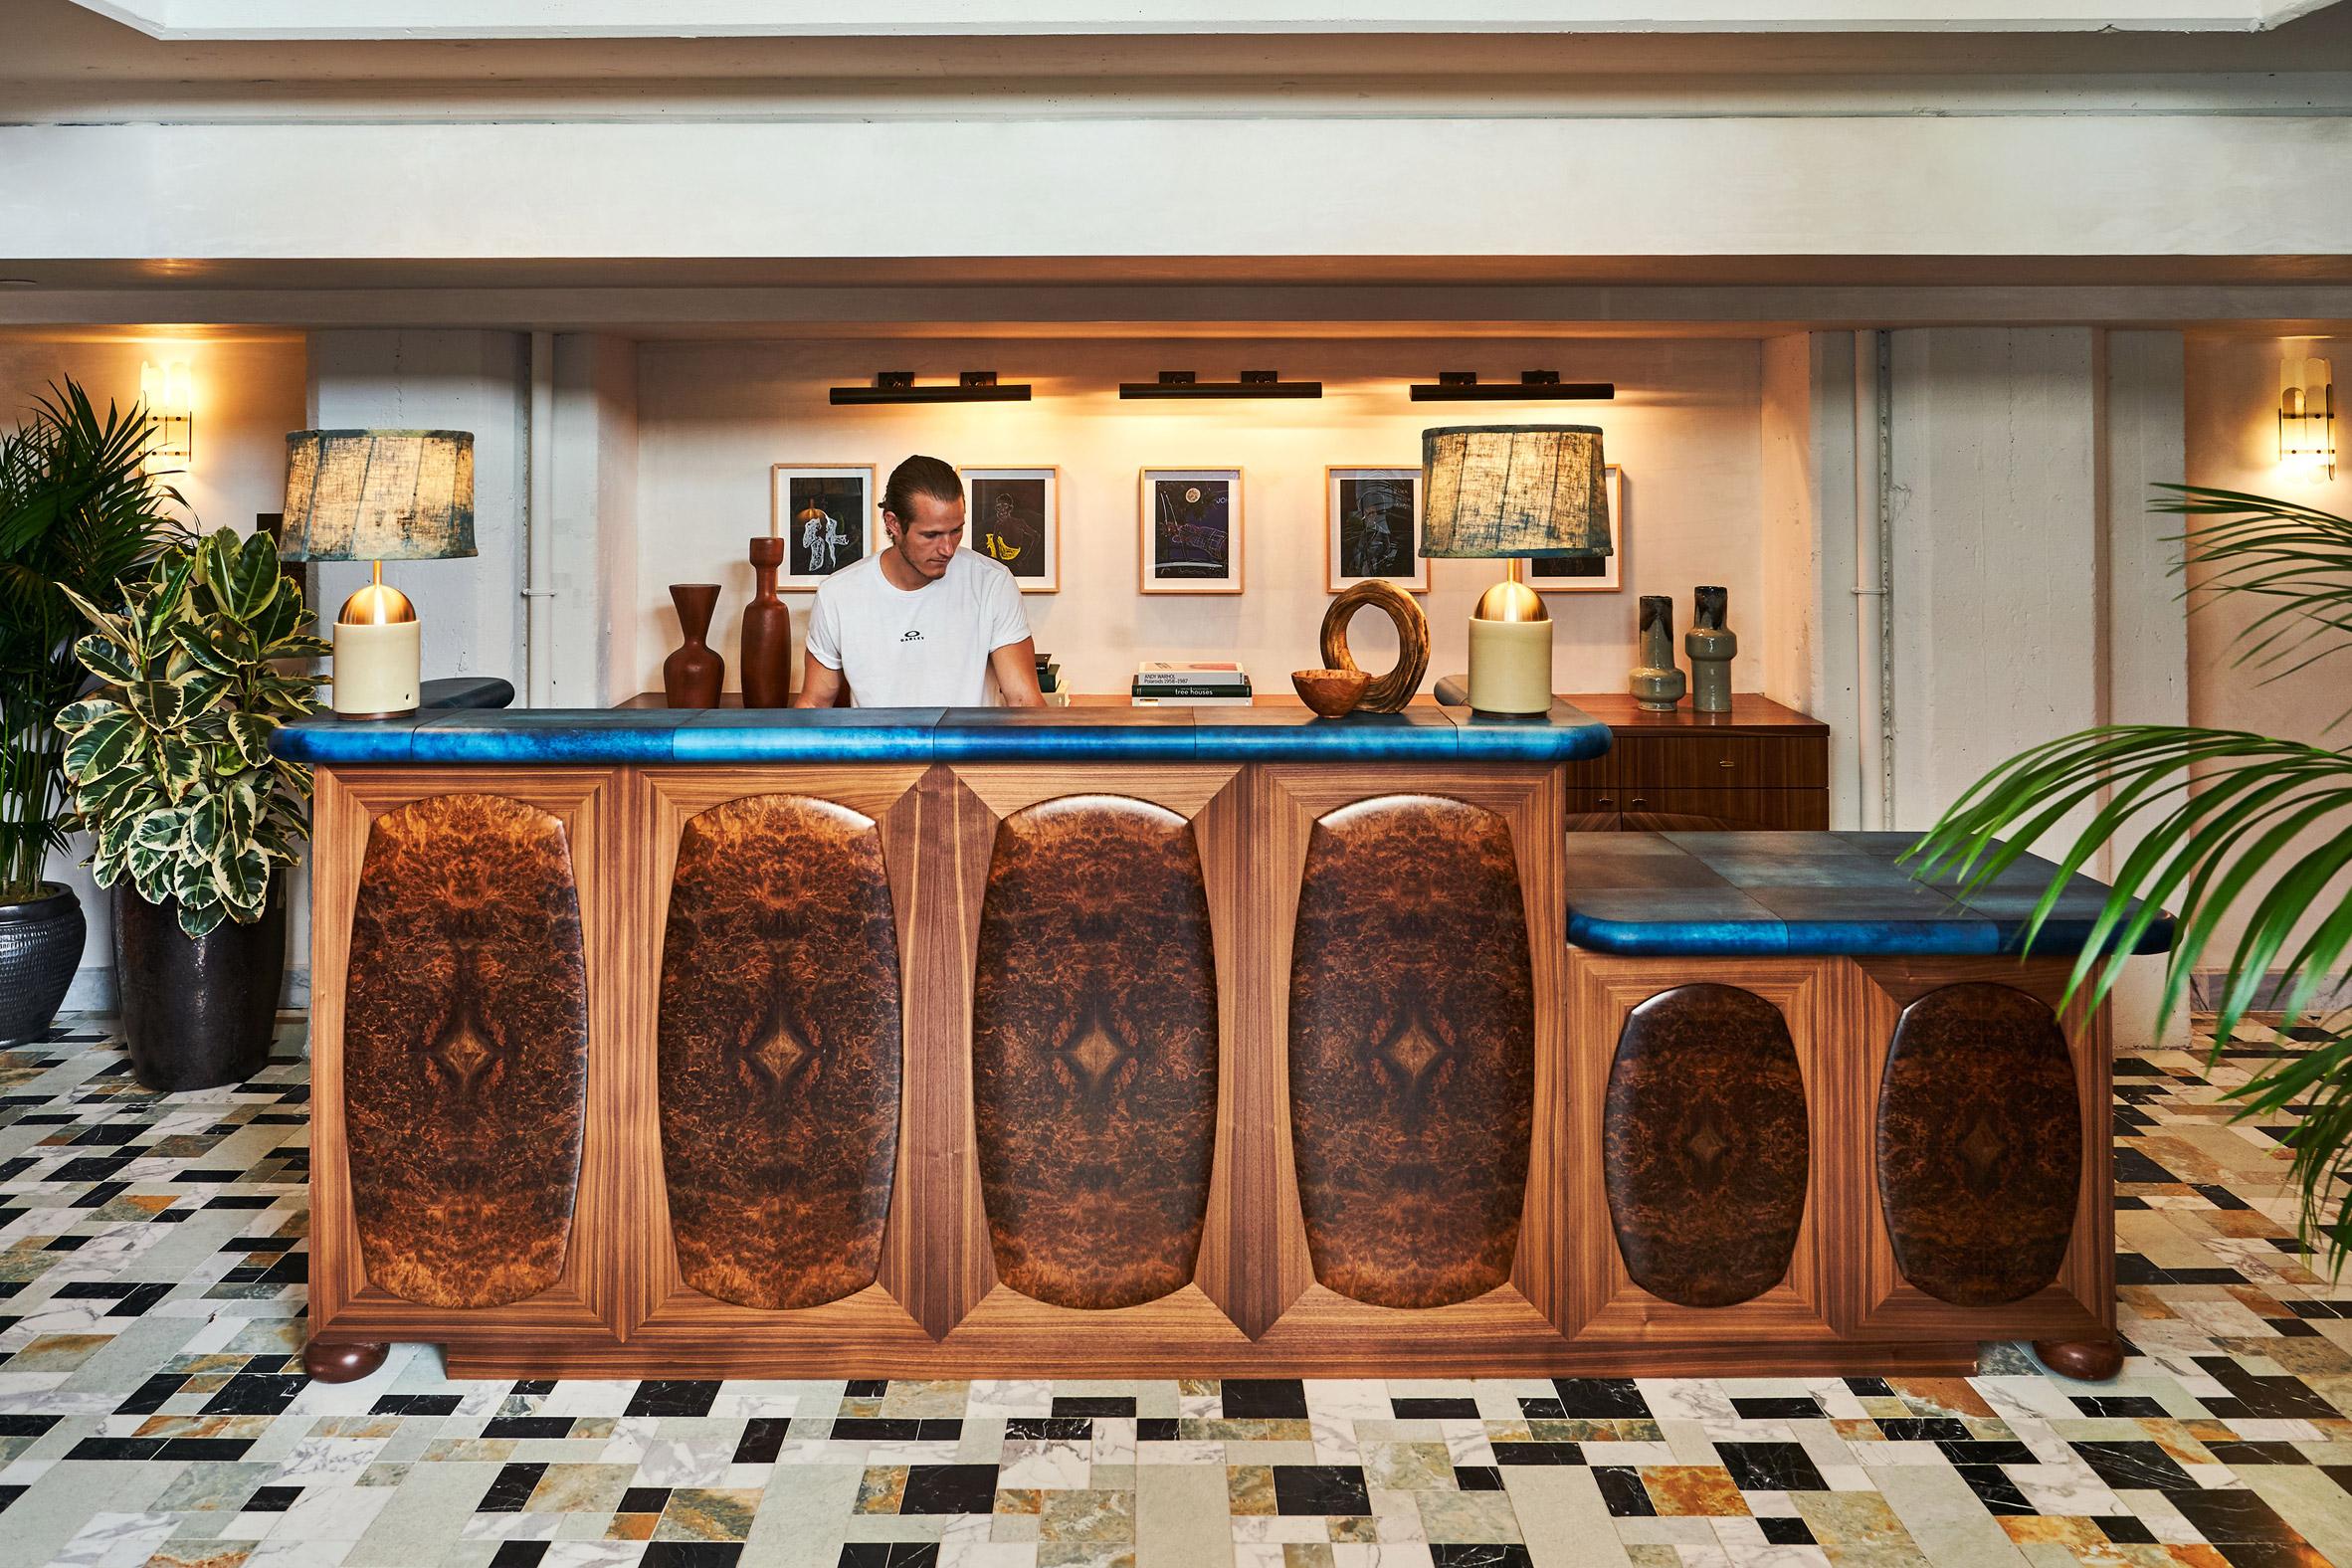 Thiết kế nội thất nhà hàng khách sạn 15